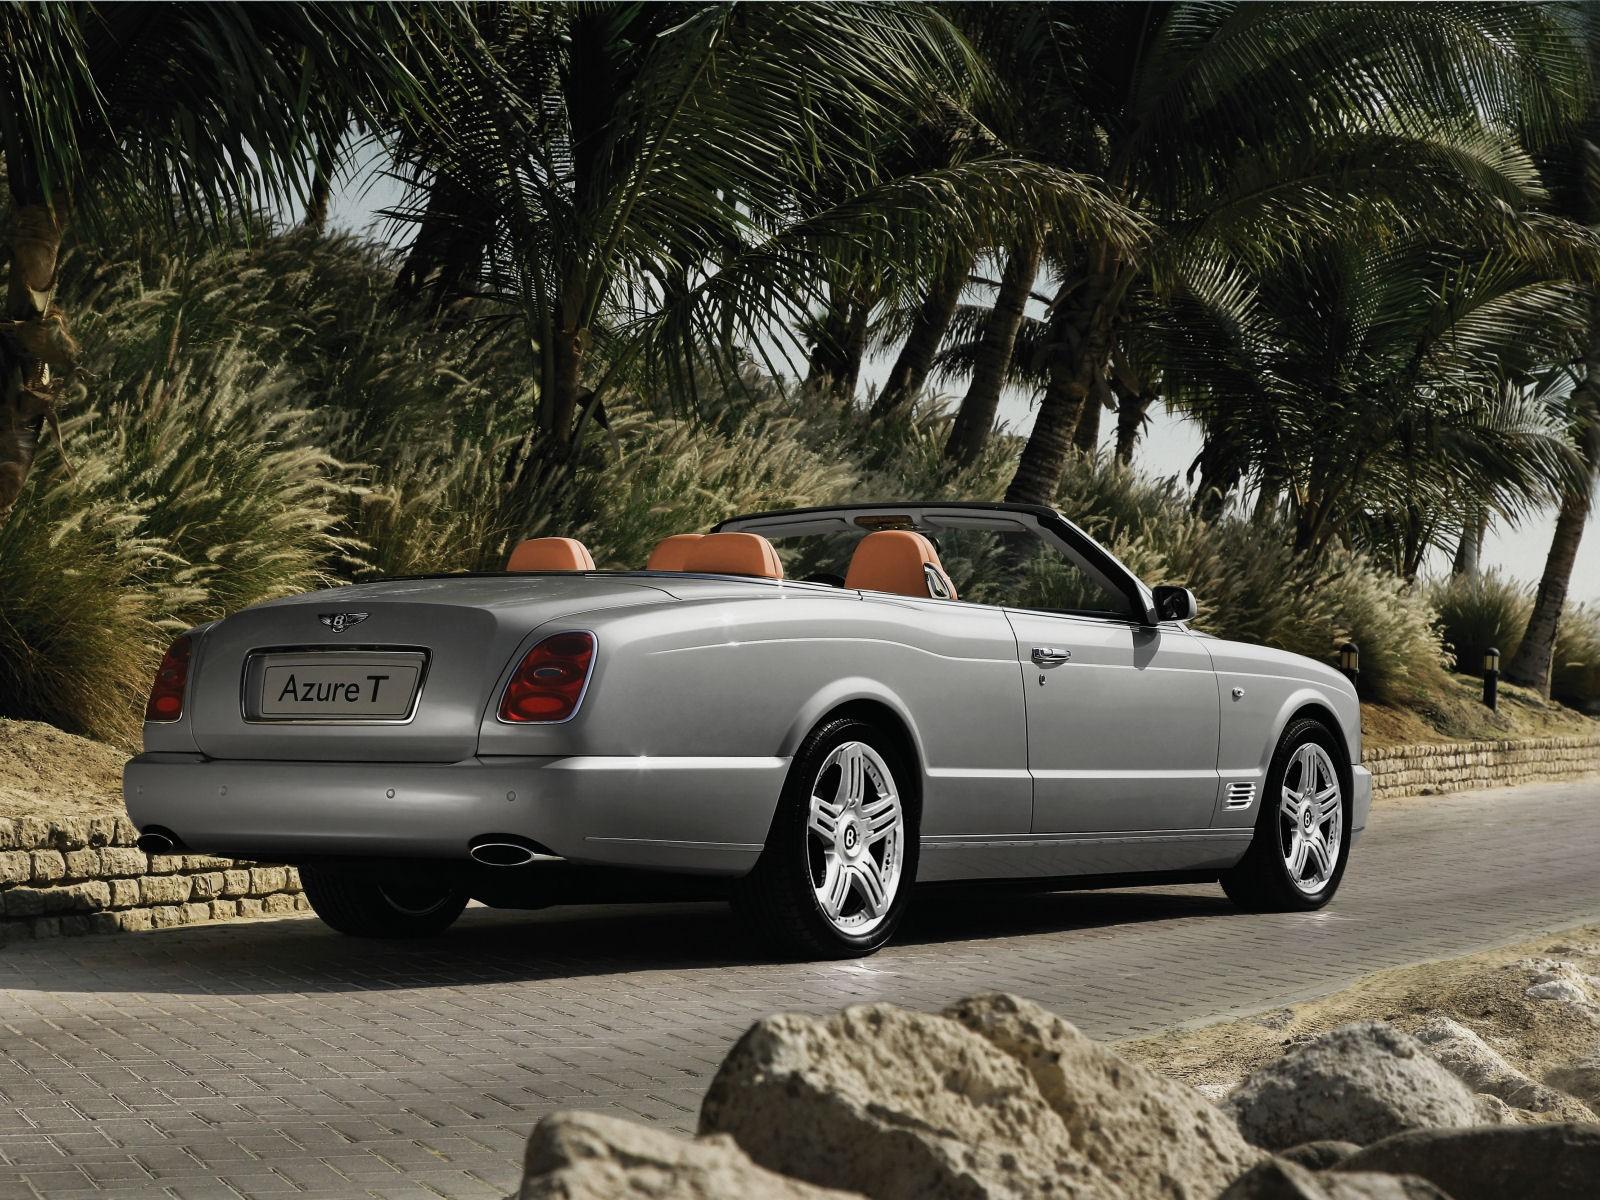 Bentley Azure T convertible 2-door (2 generation) 6.8 Twin-Turbo AT foto, Bentley Azure T convertible 2-door (2 generation) 6.8 Twin-Turbo AT fotos, Bentley Azure T convertible 2-door (2 generation) 6.8 Twin-Turbo AT imagen, Bentley Azure T convertible 2-door (2 generation) 6.8 Twin-Turbo AT imagenes, Bentley Azure T convertible 2-door (2 generation) 6.8 Twin-Turbo AT fotografía